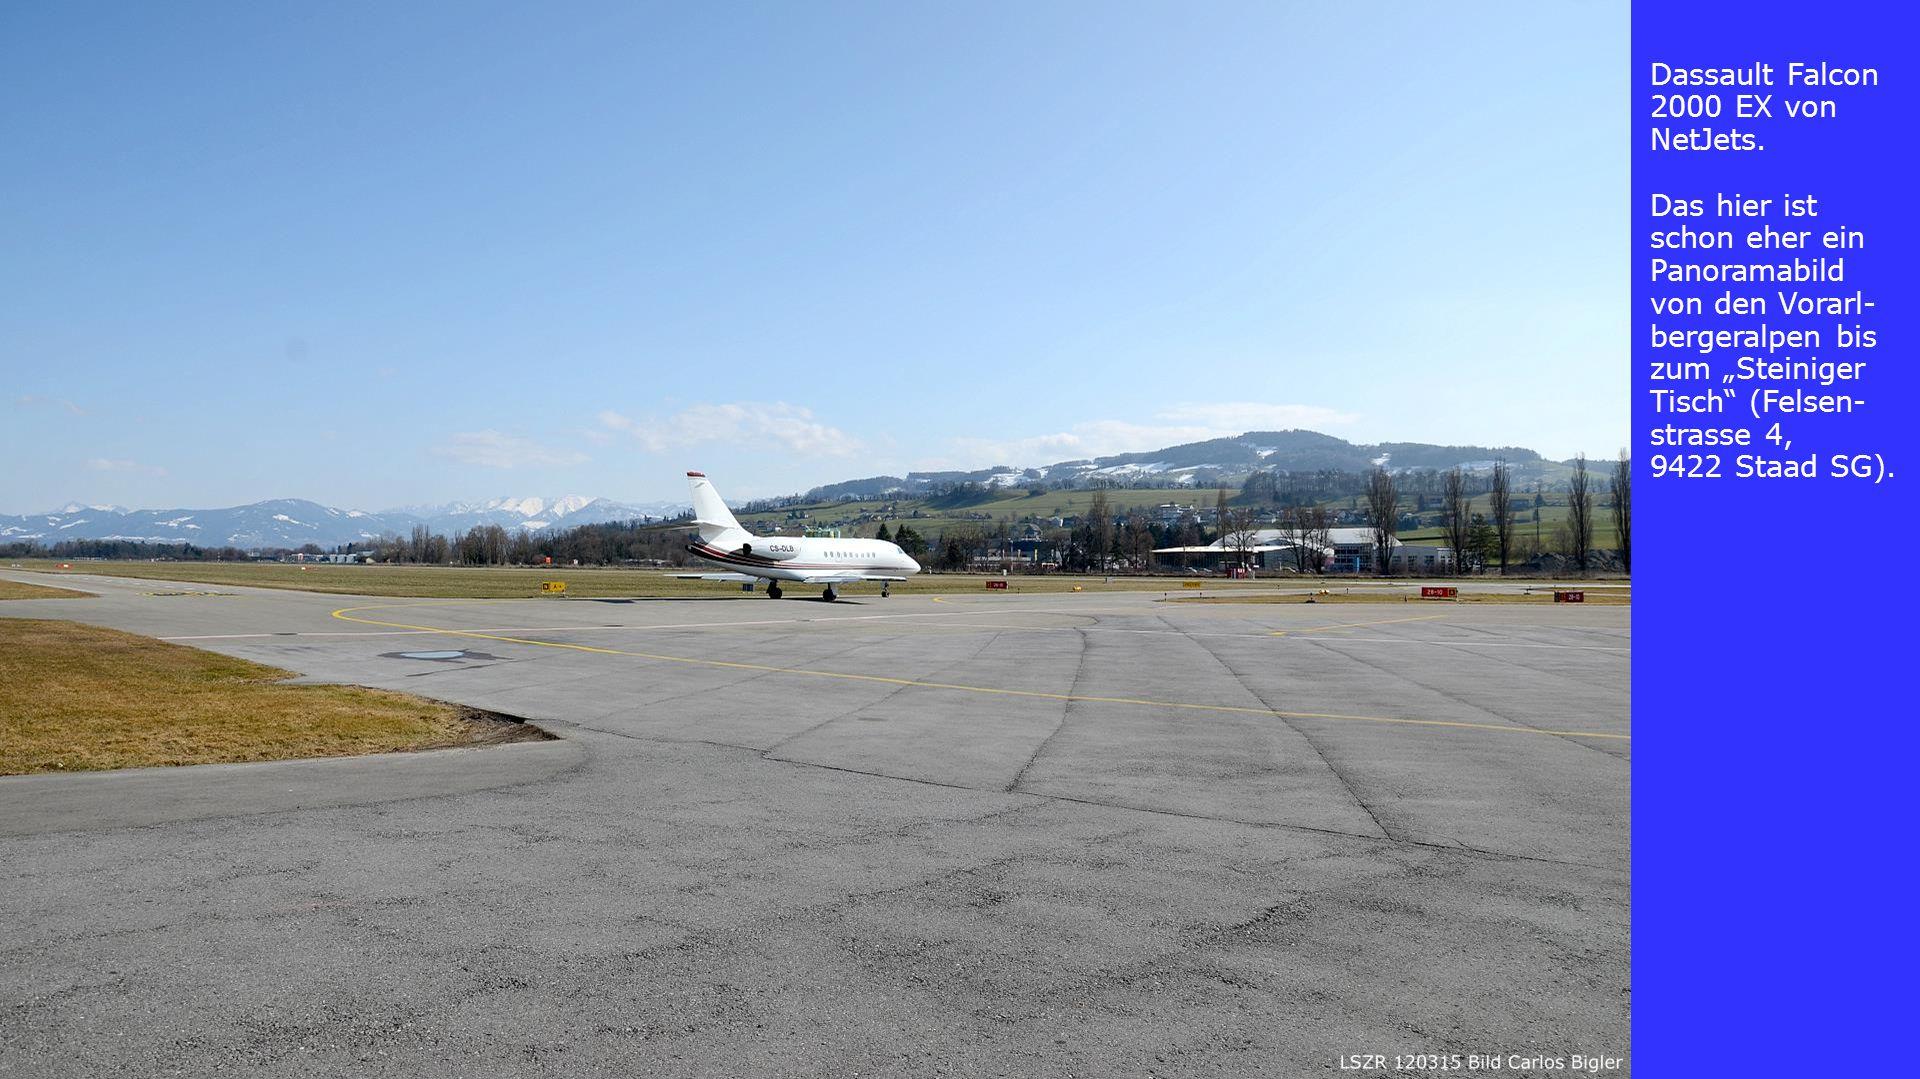 Dassault Falcon 2000 EX von NetJets